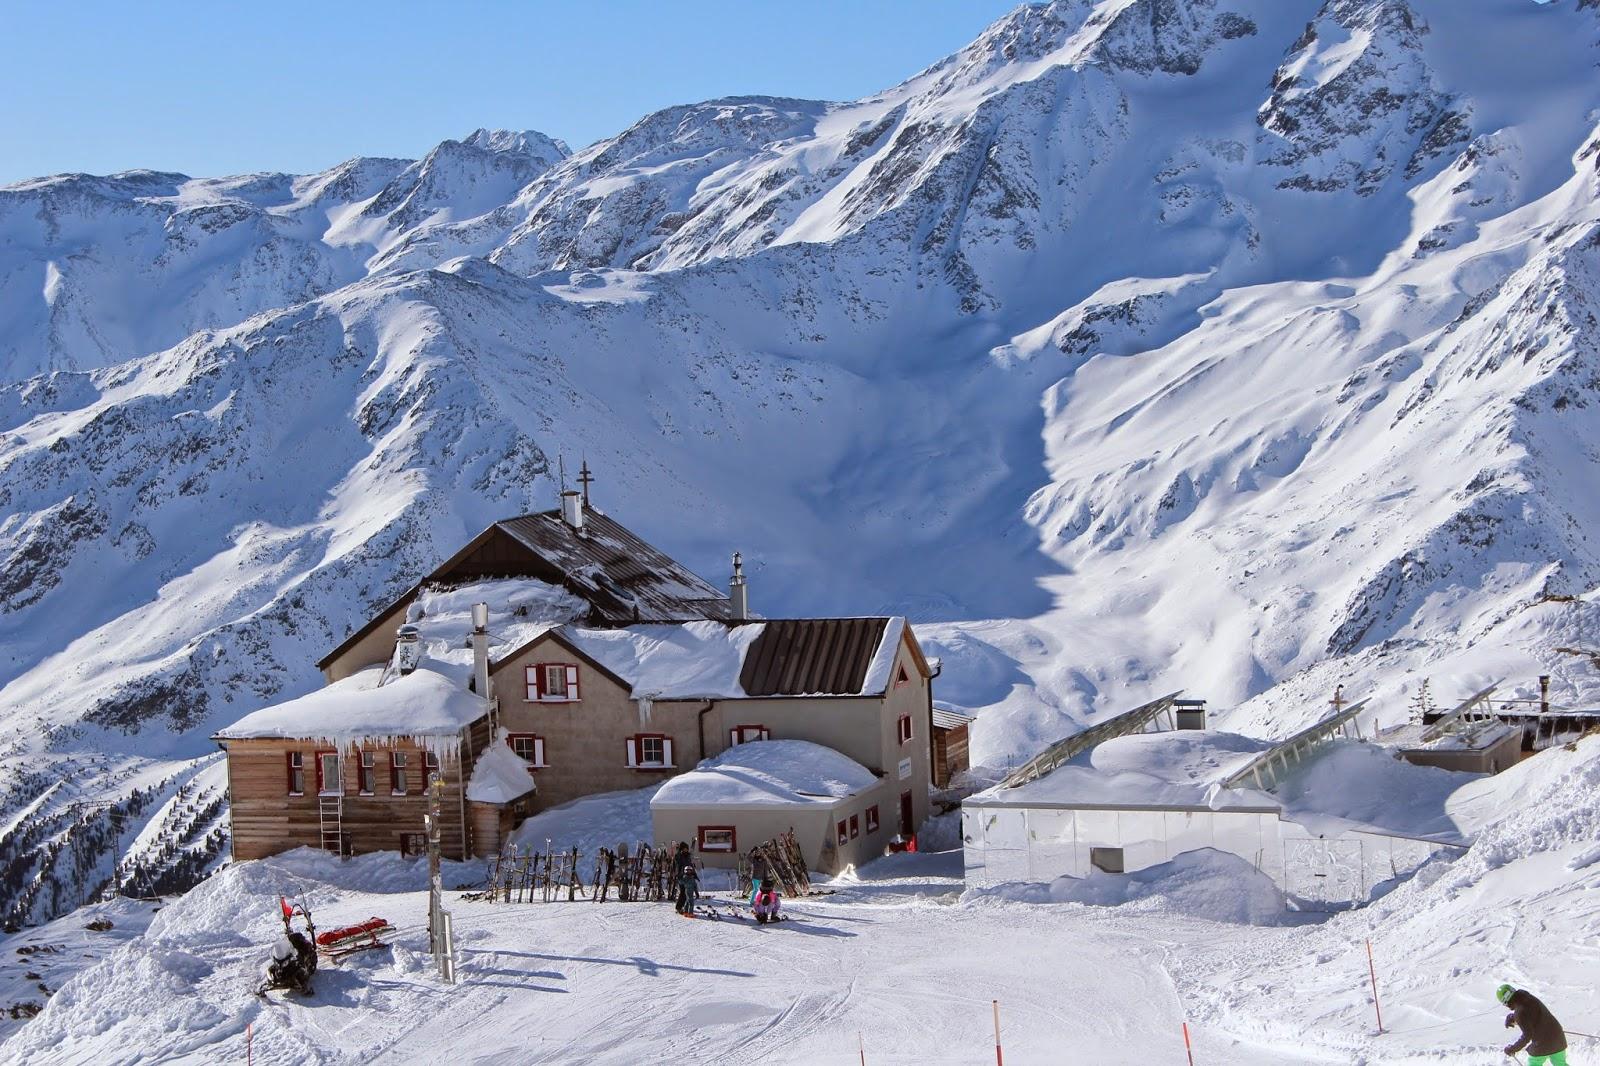 drewniana chatka włochy, drewno, old wood ski,val senales, alpy, ferie we włoszech, gdzie na narty z dziećmi, szkółka polska we włoszech, blog diy, wnętrza, inspiracje